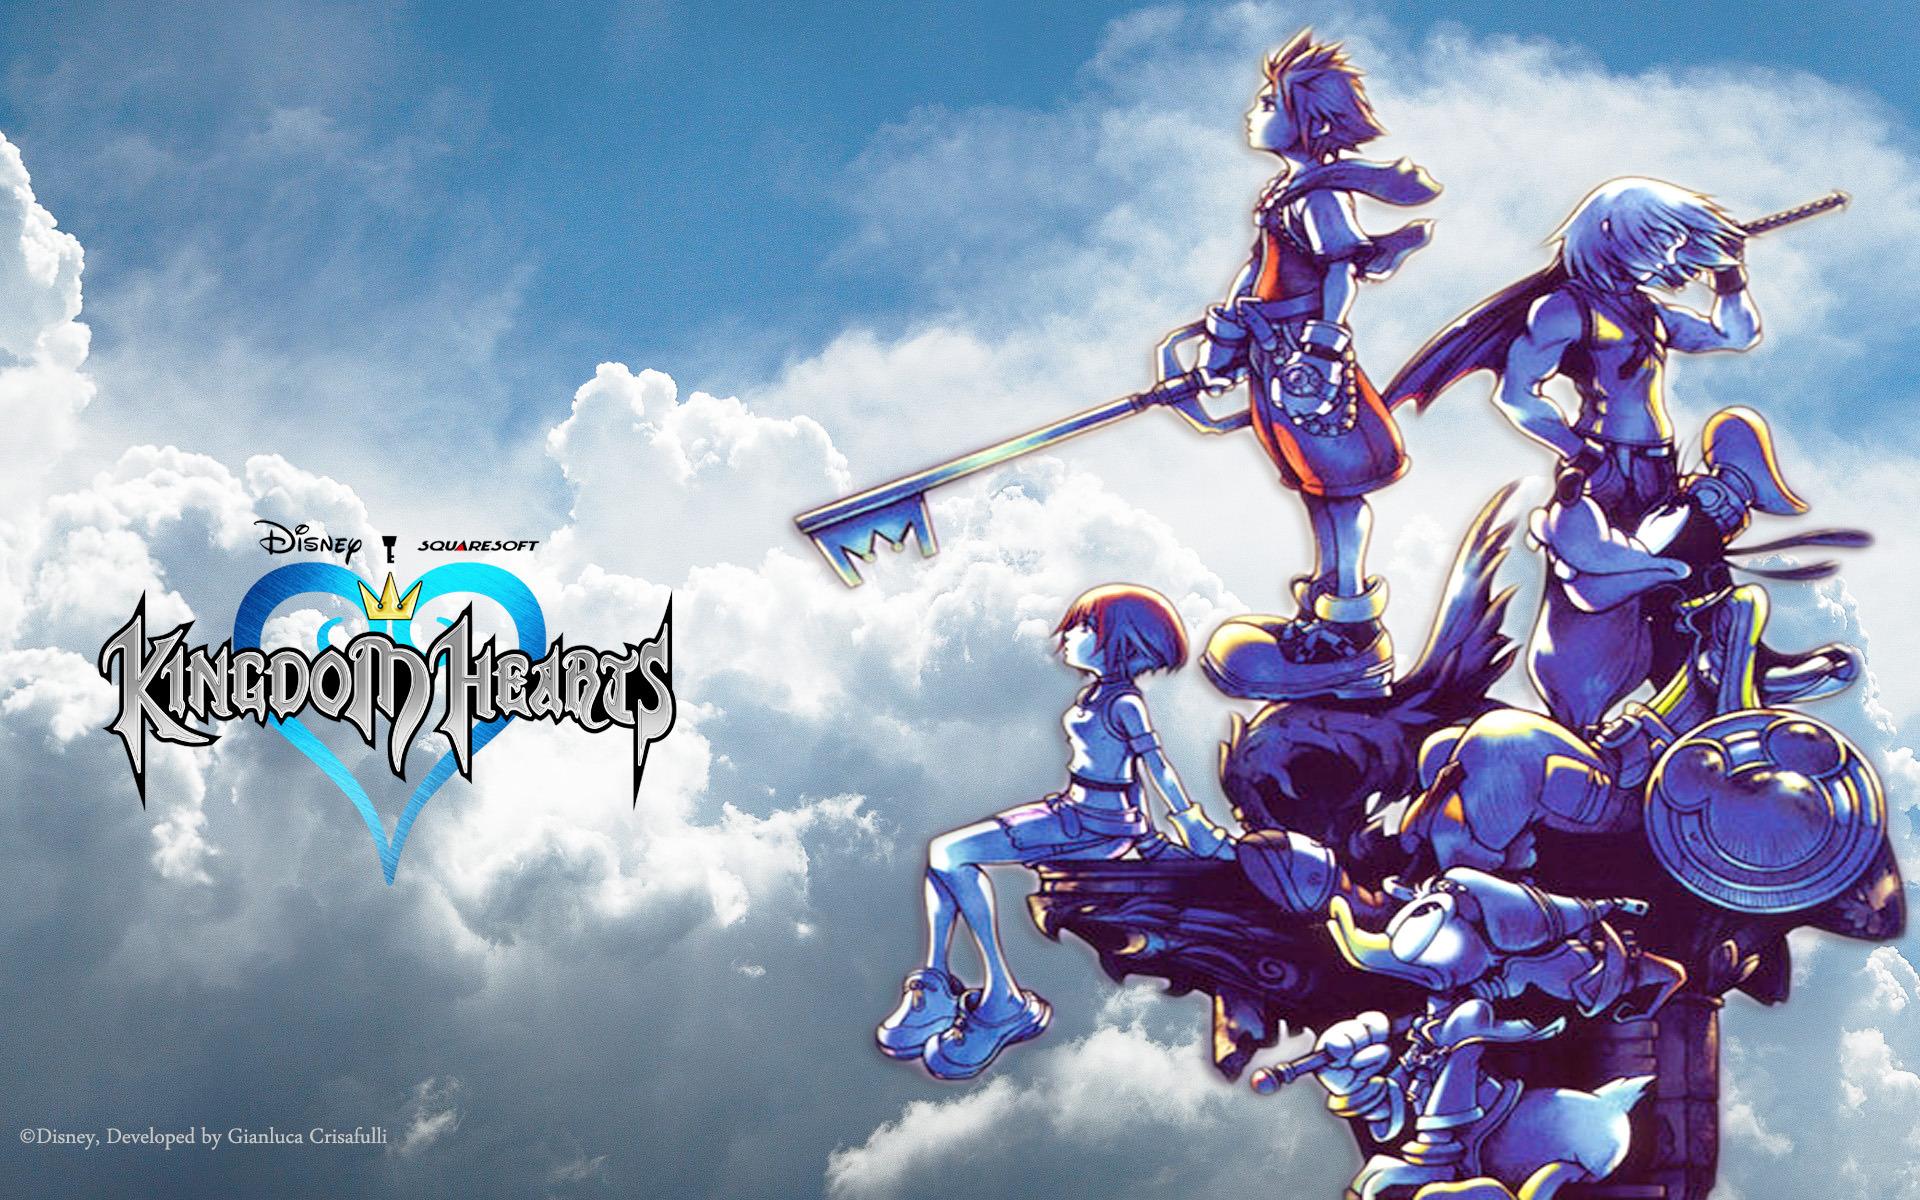 Anunciada nueva entrega de Kingdom Hearts para smartphones 1920x1200